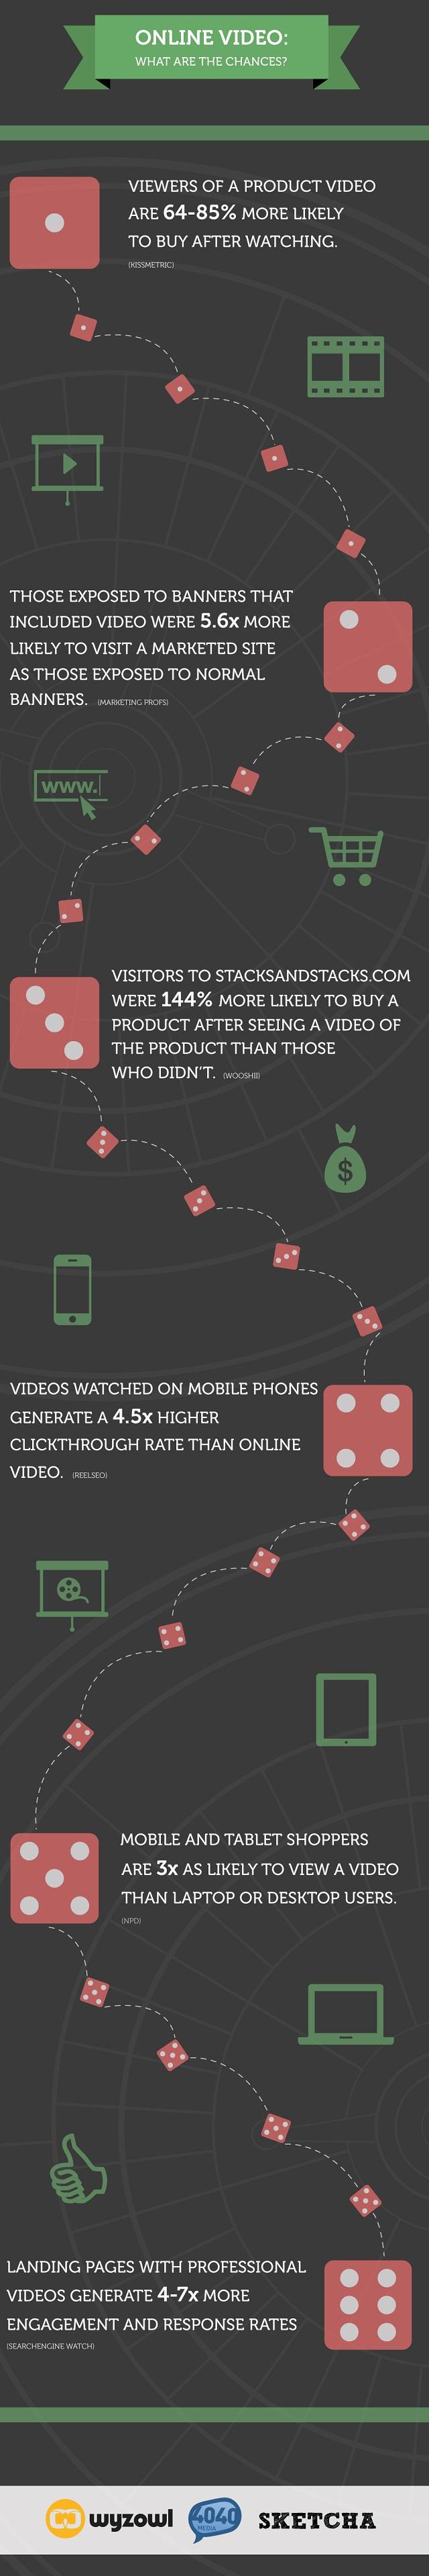 Onlione Videos, Chancen, Infografik